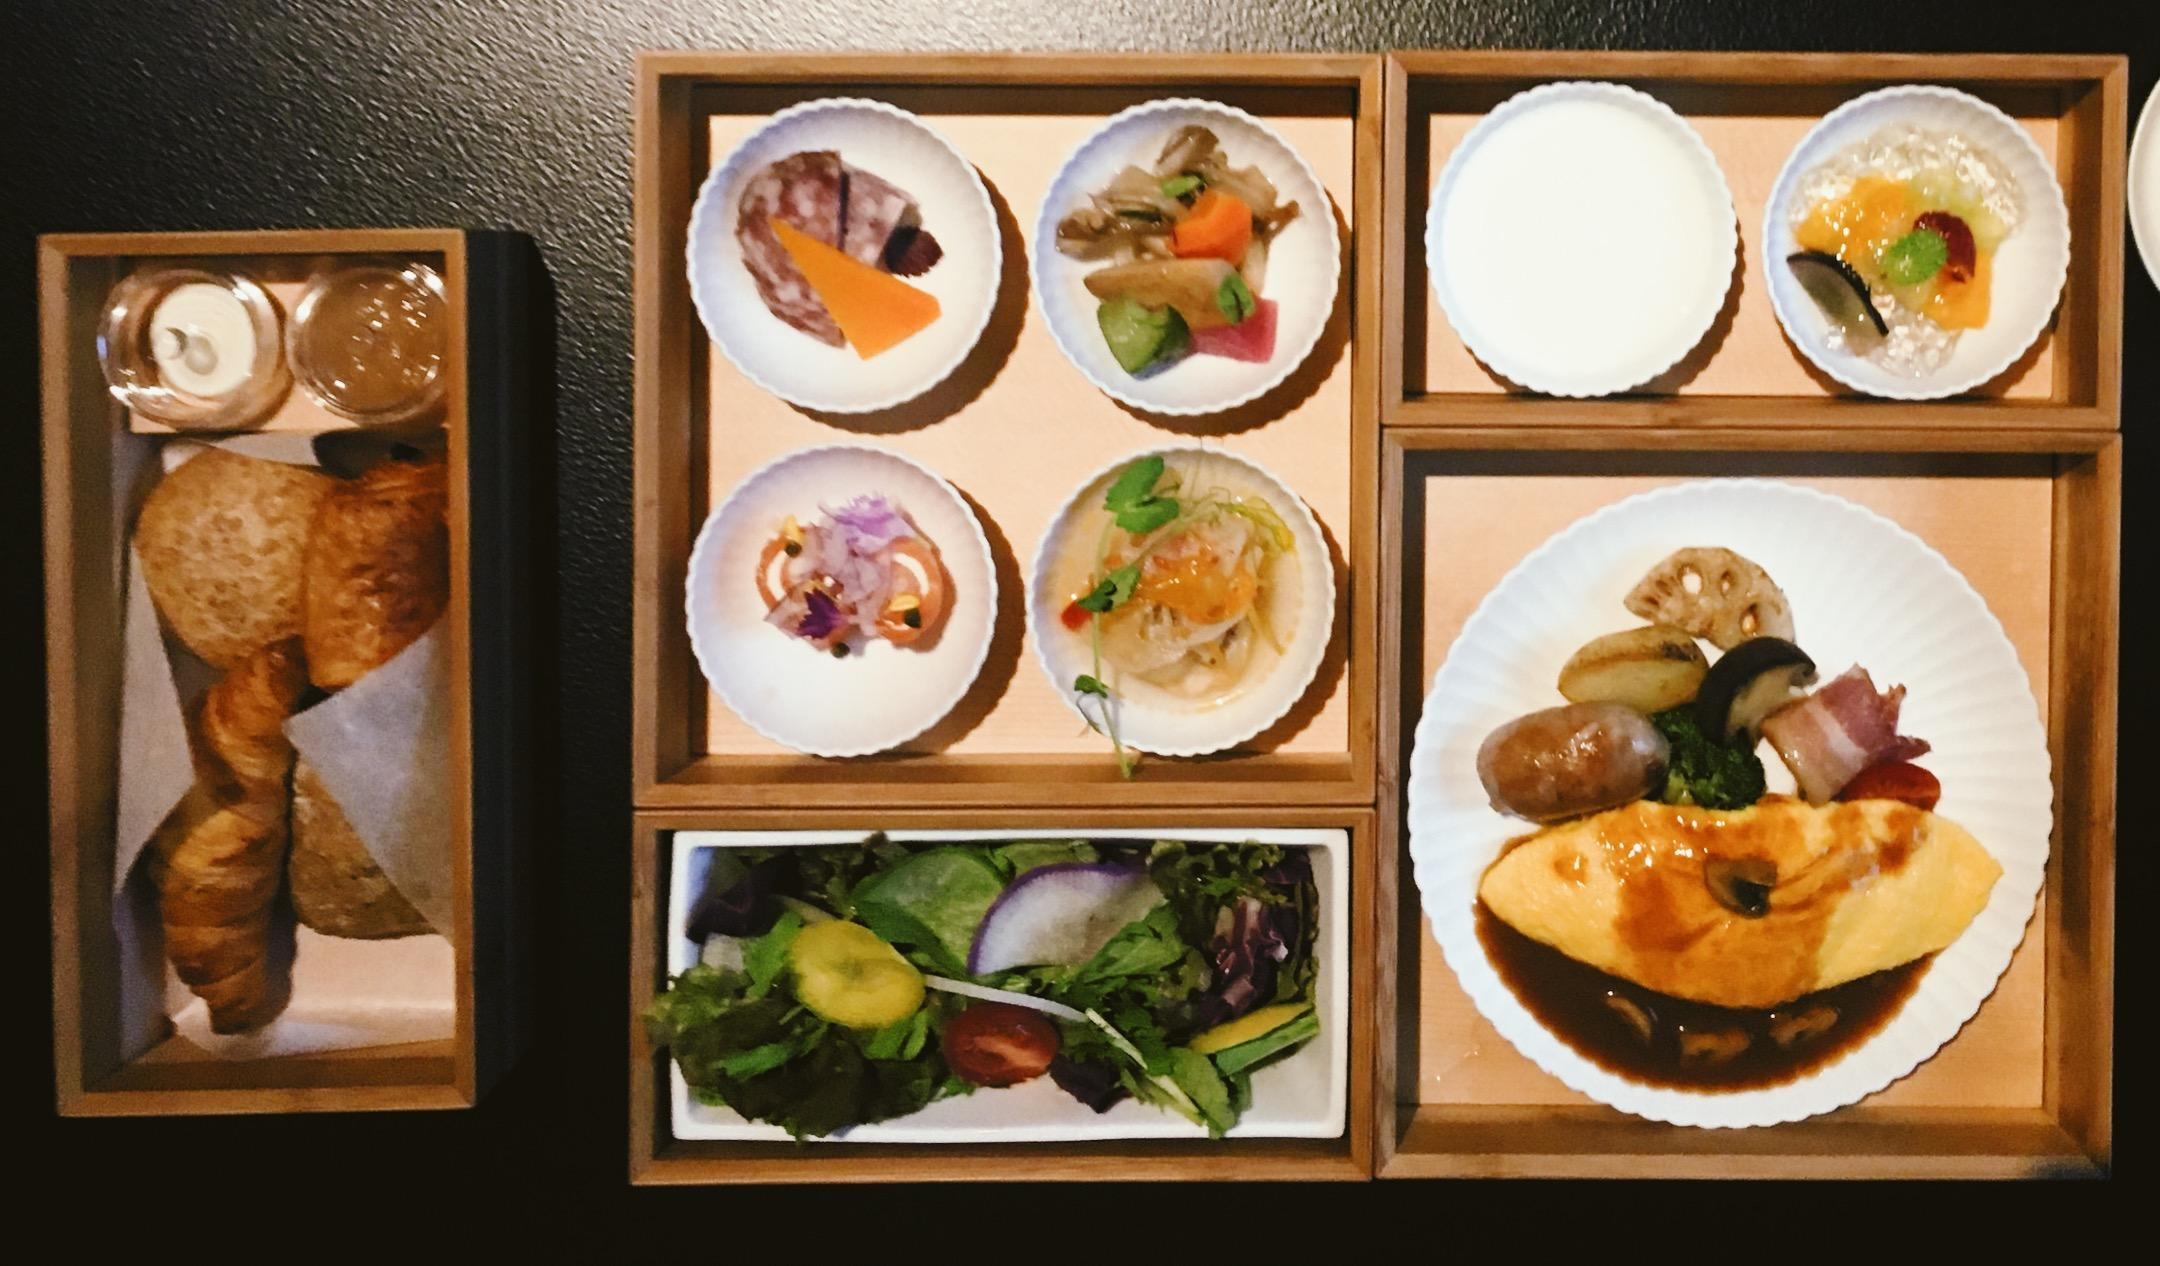 Café da manhã asiático, mas com uma pitada ocidental, no Hoshinoya Hotel.